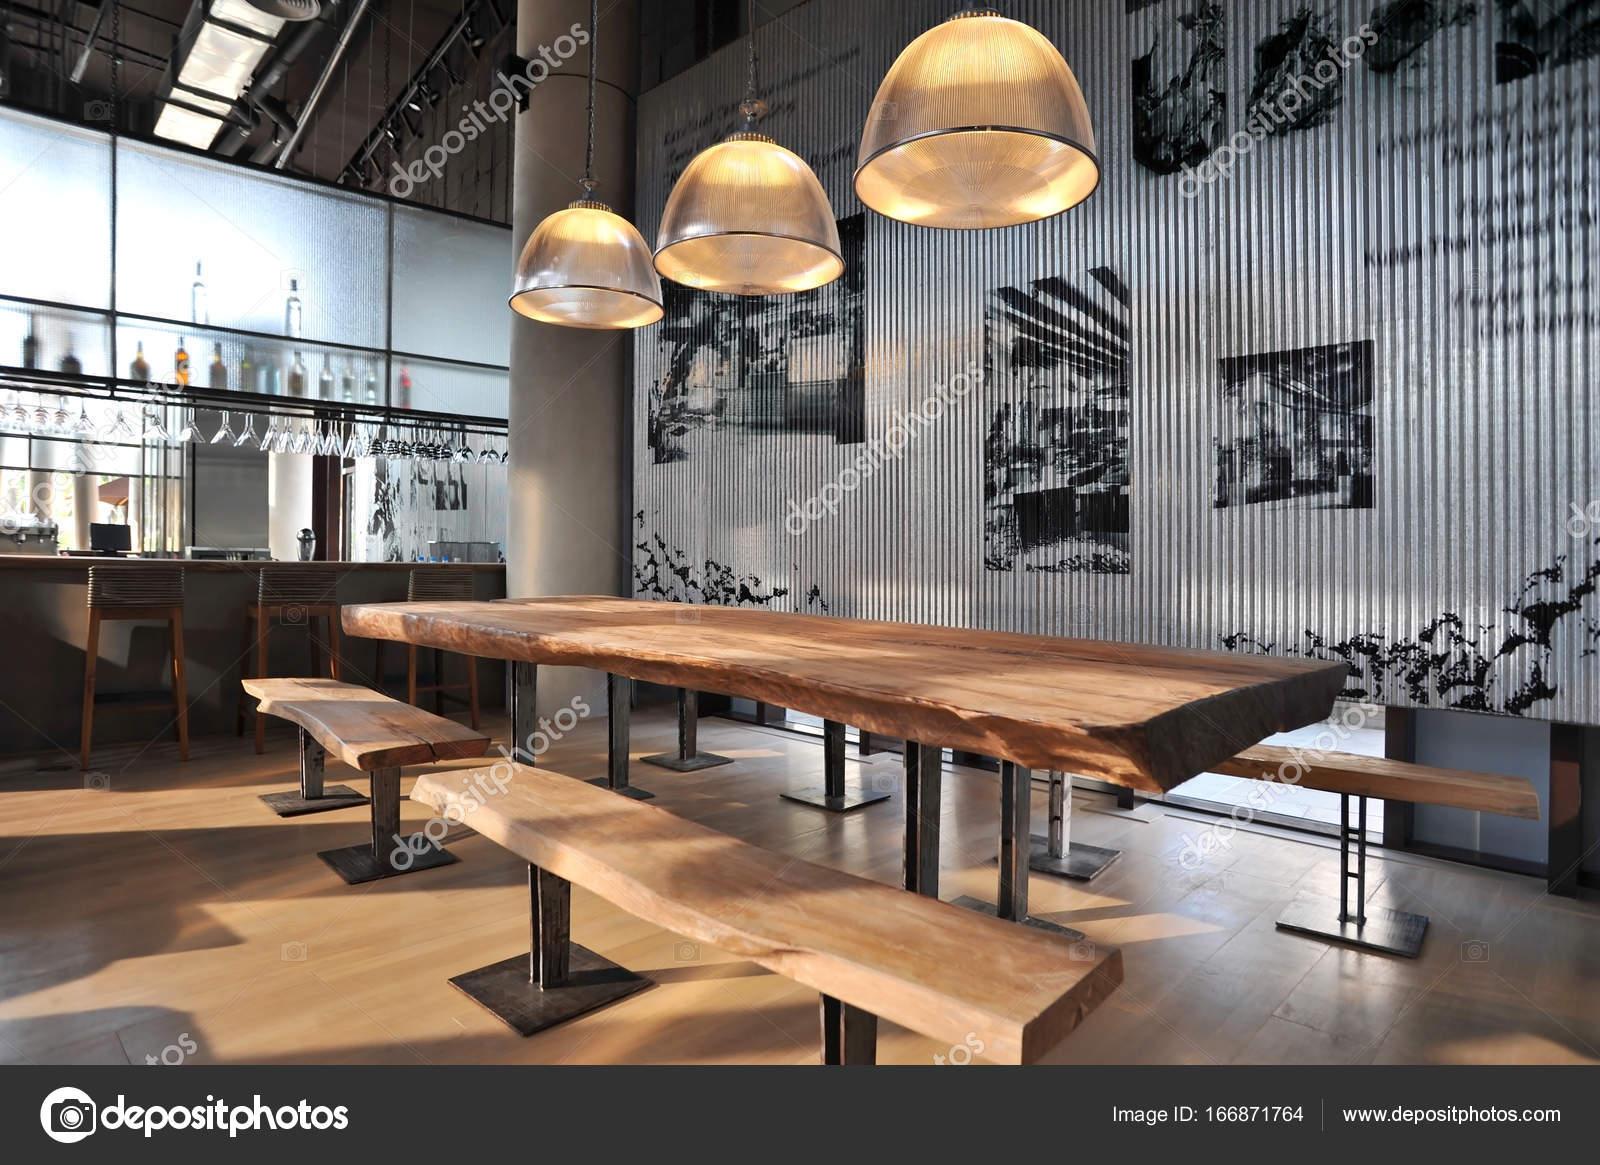 Fotos loft industrial estilo de barra de loft for Decoracion loft industrial